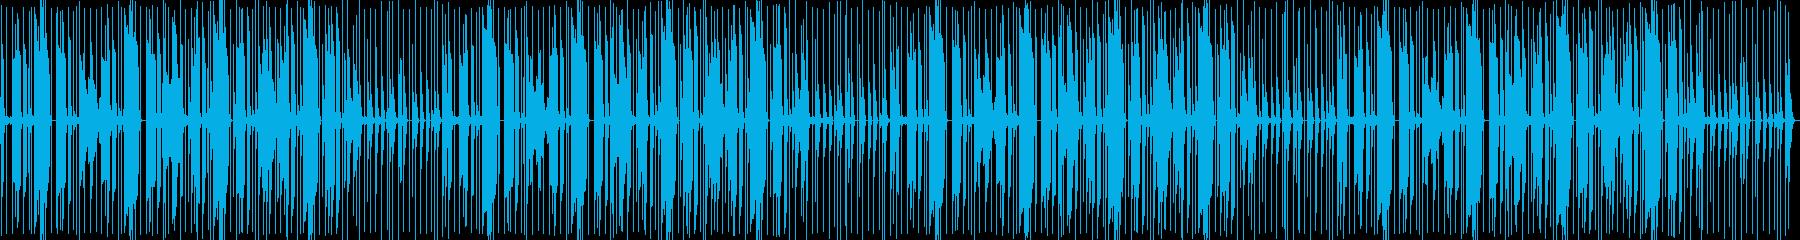 コメディー、イタズラ、ドッキリ、コミカルの再生済みの波形